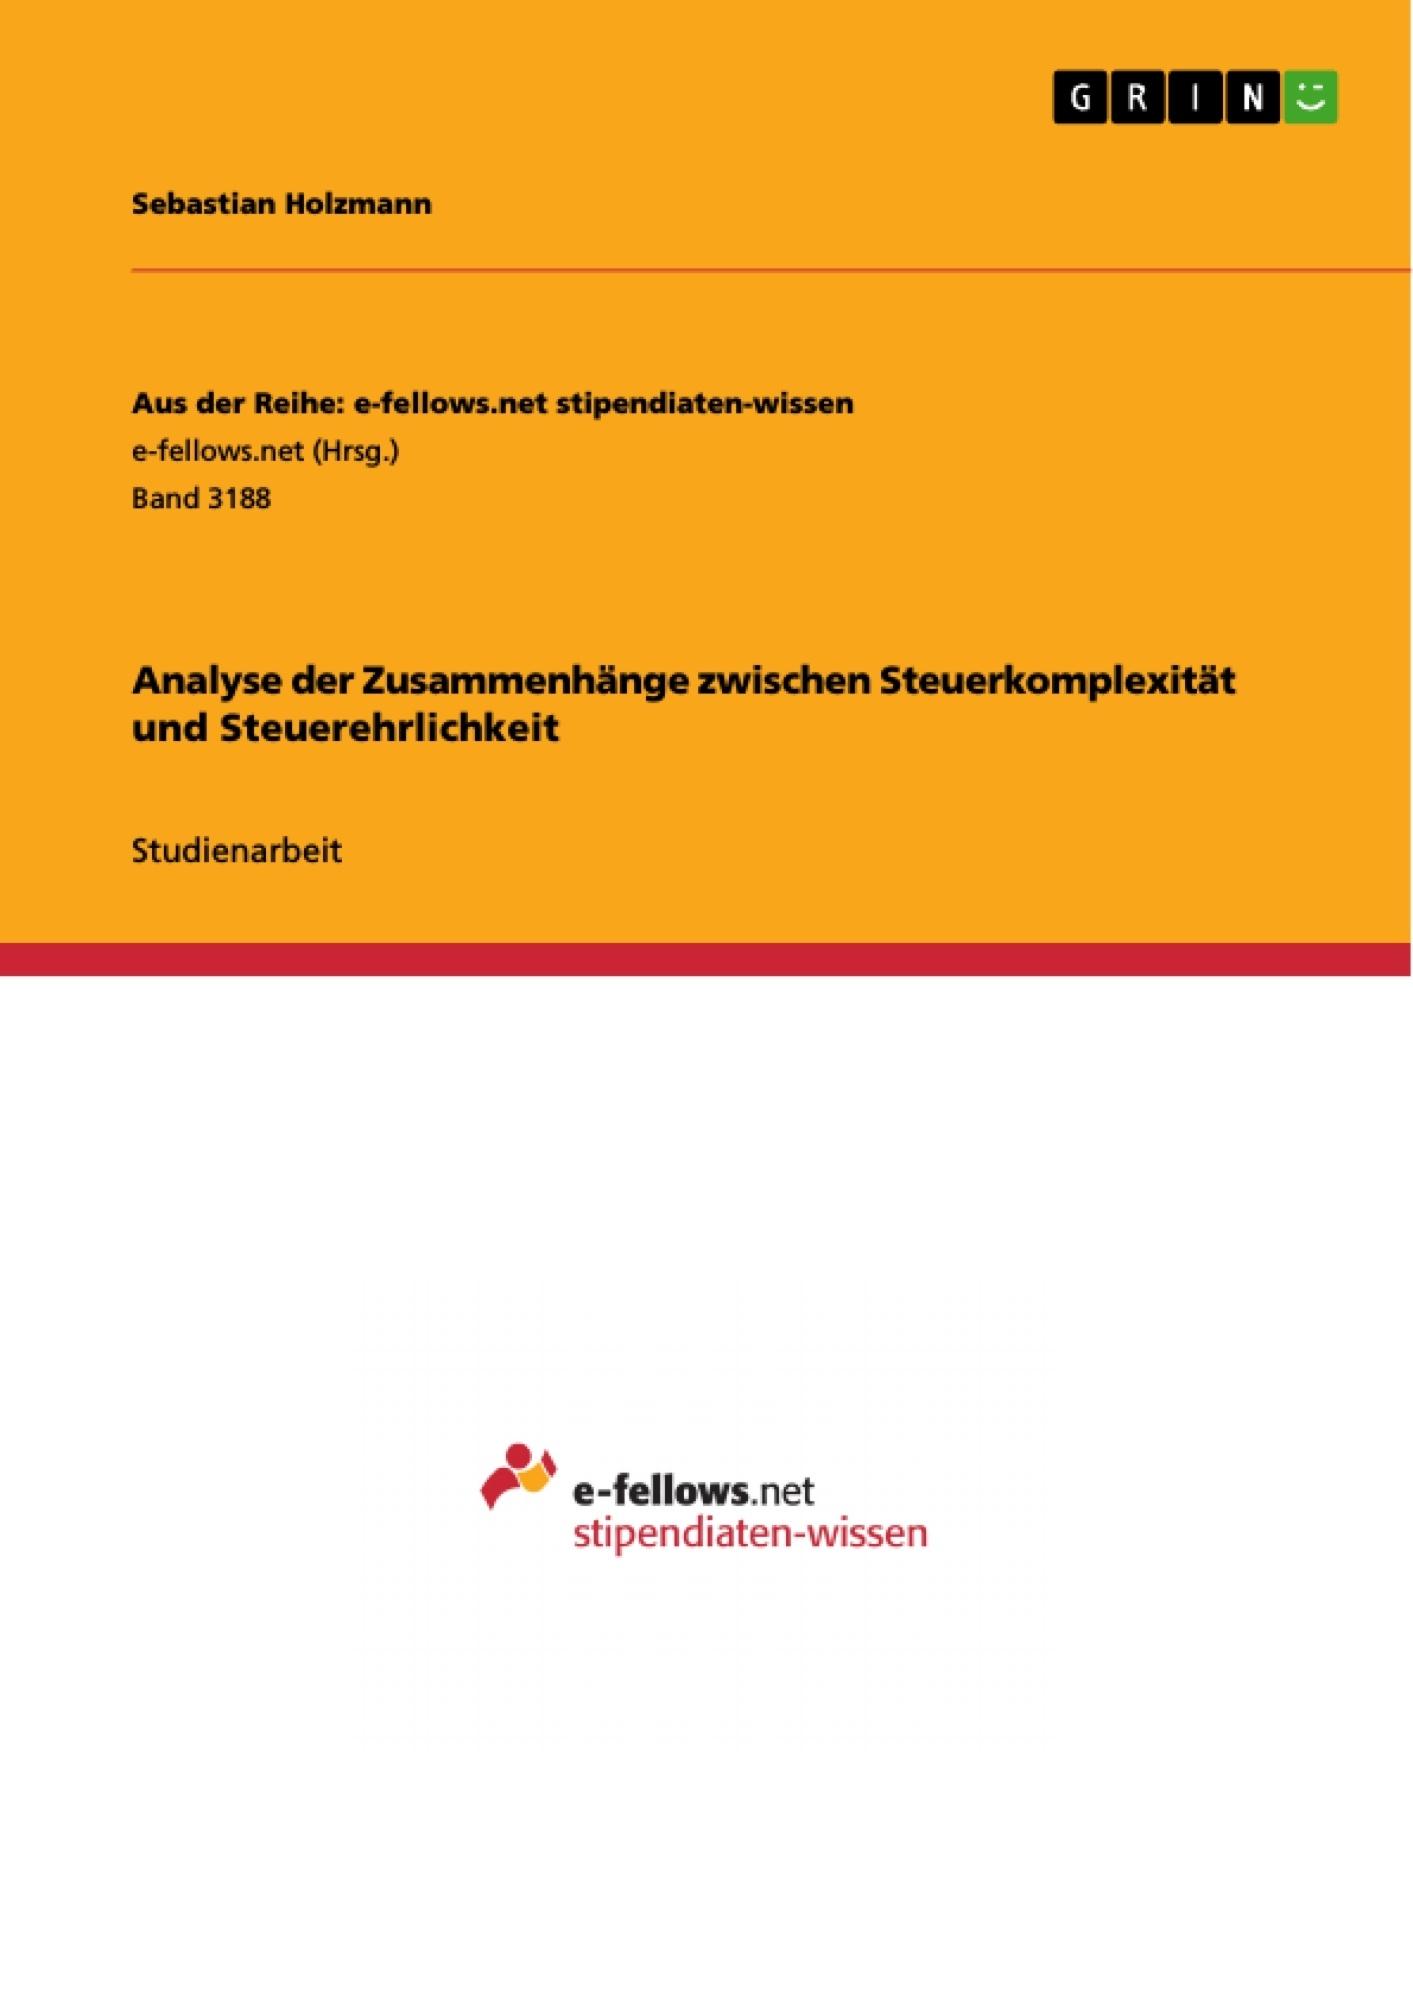 Titel: Analyse der Zusammenhänge zwischen Steuerkomplexität und Steuerehrlichkeit